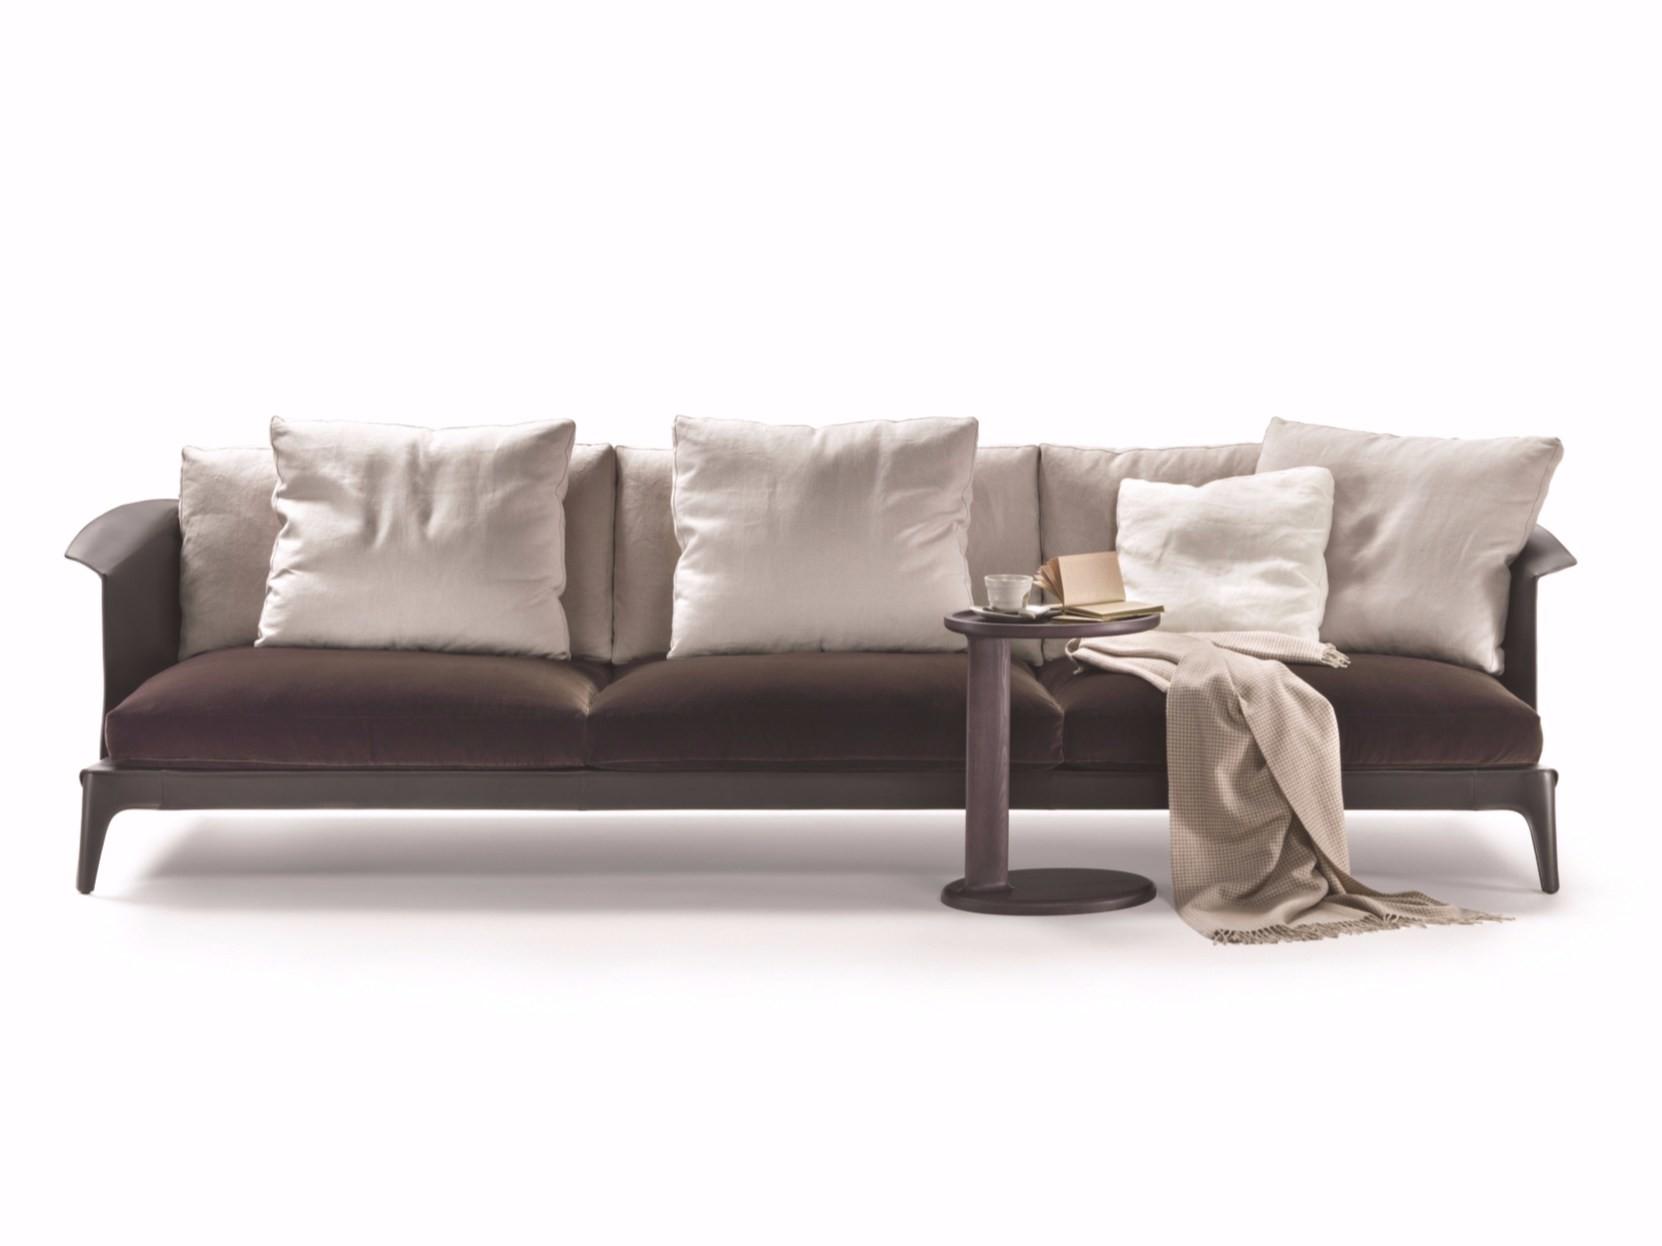 马鞍皮双人三人沙发椅 意大利 Flexform Isabel sofa 硬皮沙发Carlo Colombo